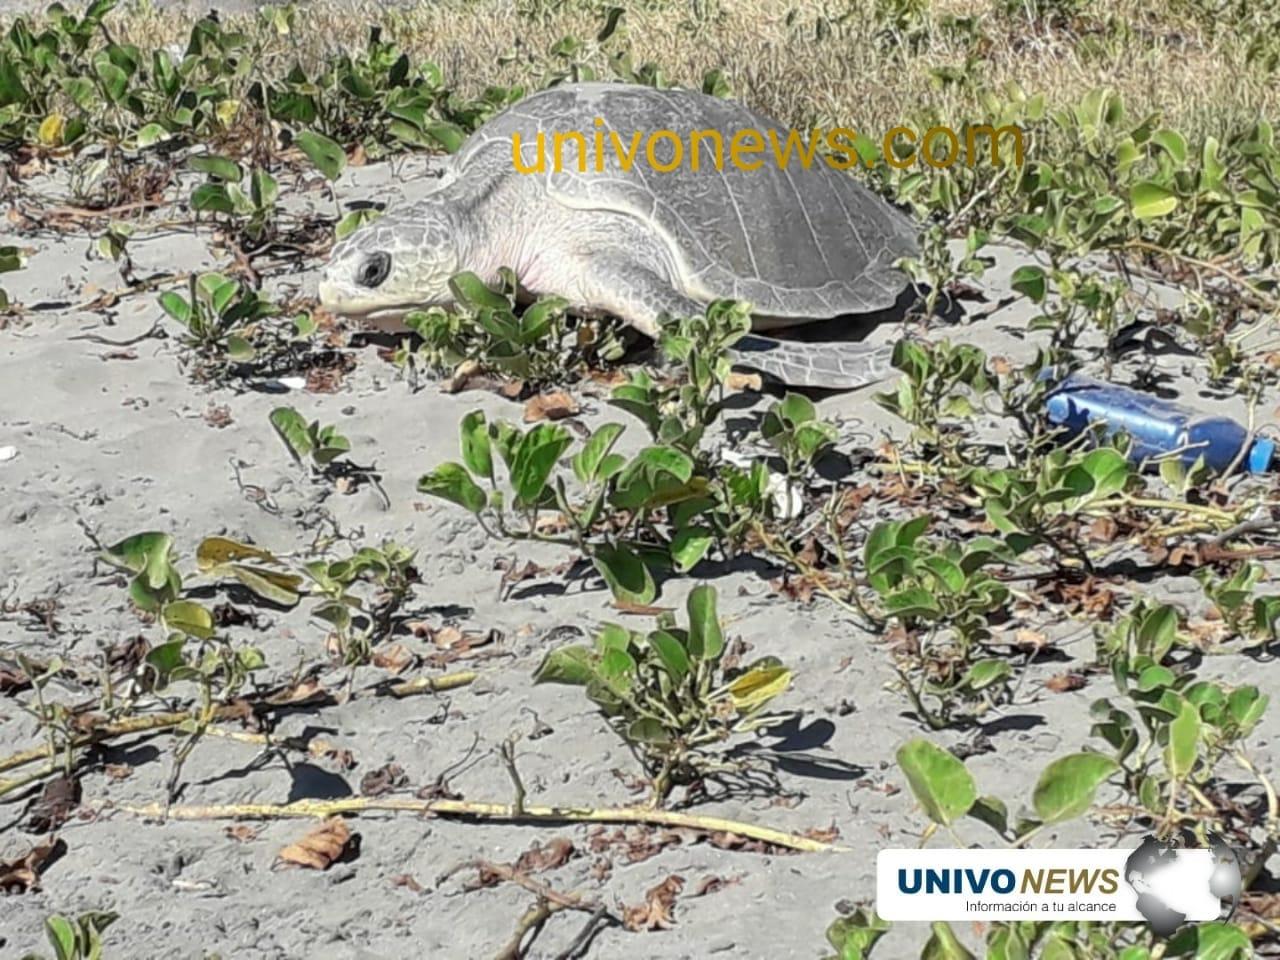 Ciudadanos custodiaron 186 huevos de tortuga